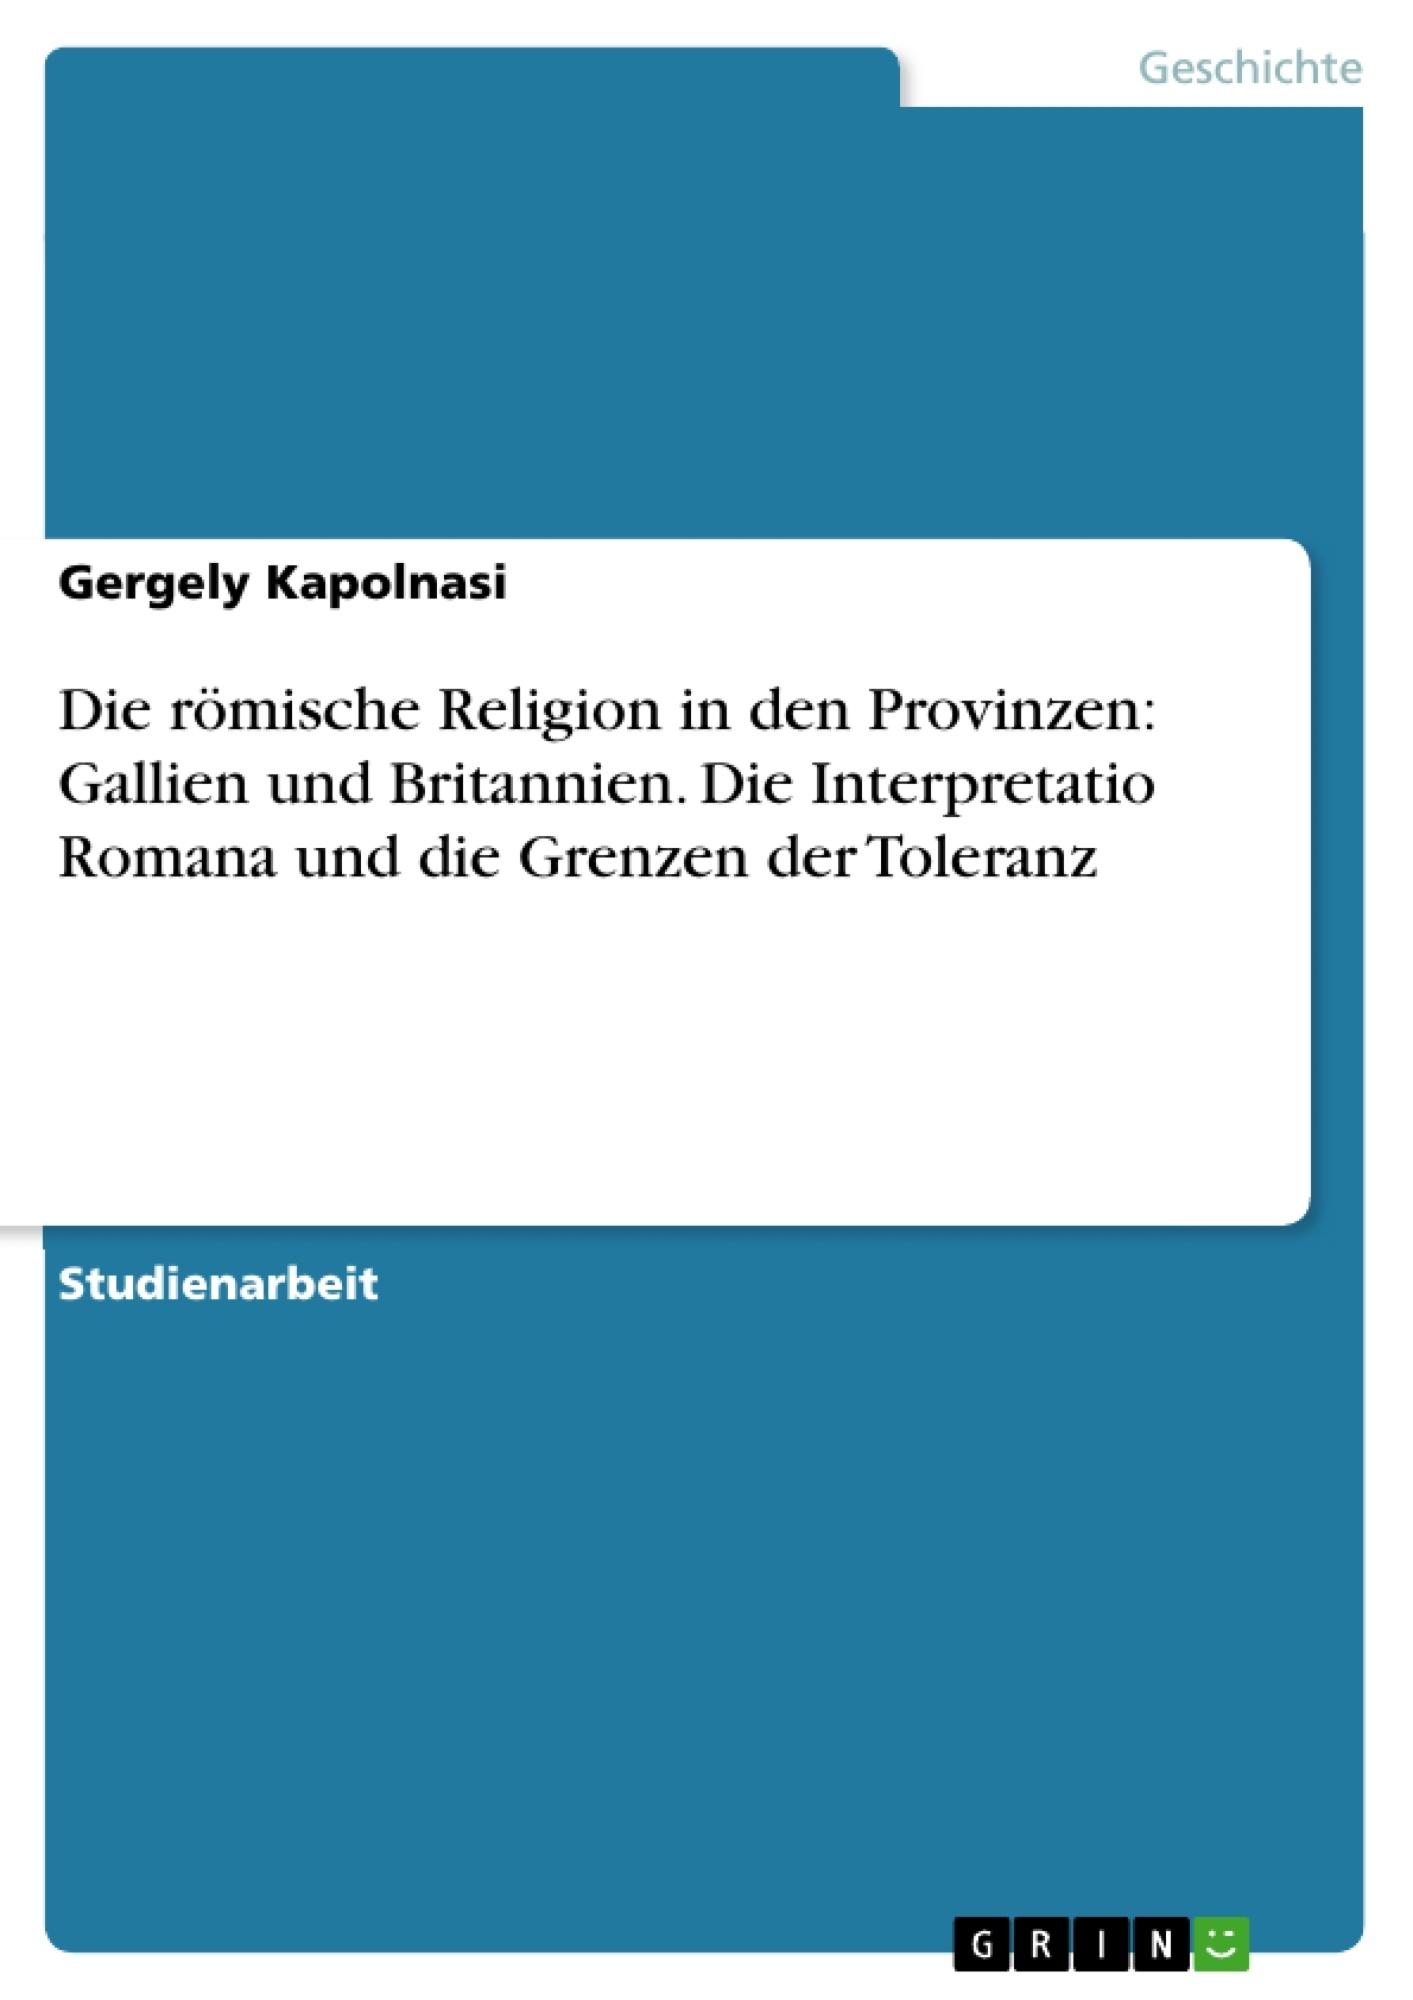 Titel: Die römische Religion in den Provinzen: Gallien und Britannien. Die Interpretatio Romana und die Grenzen der Toleranz